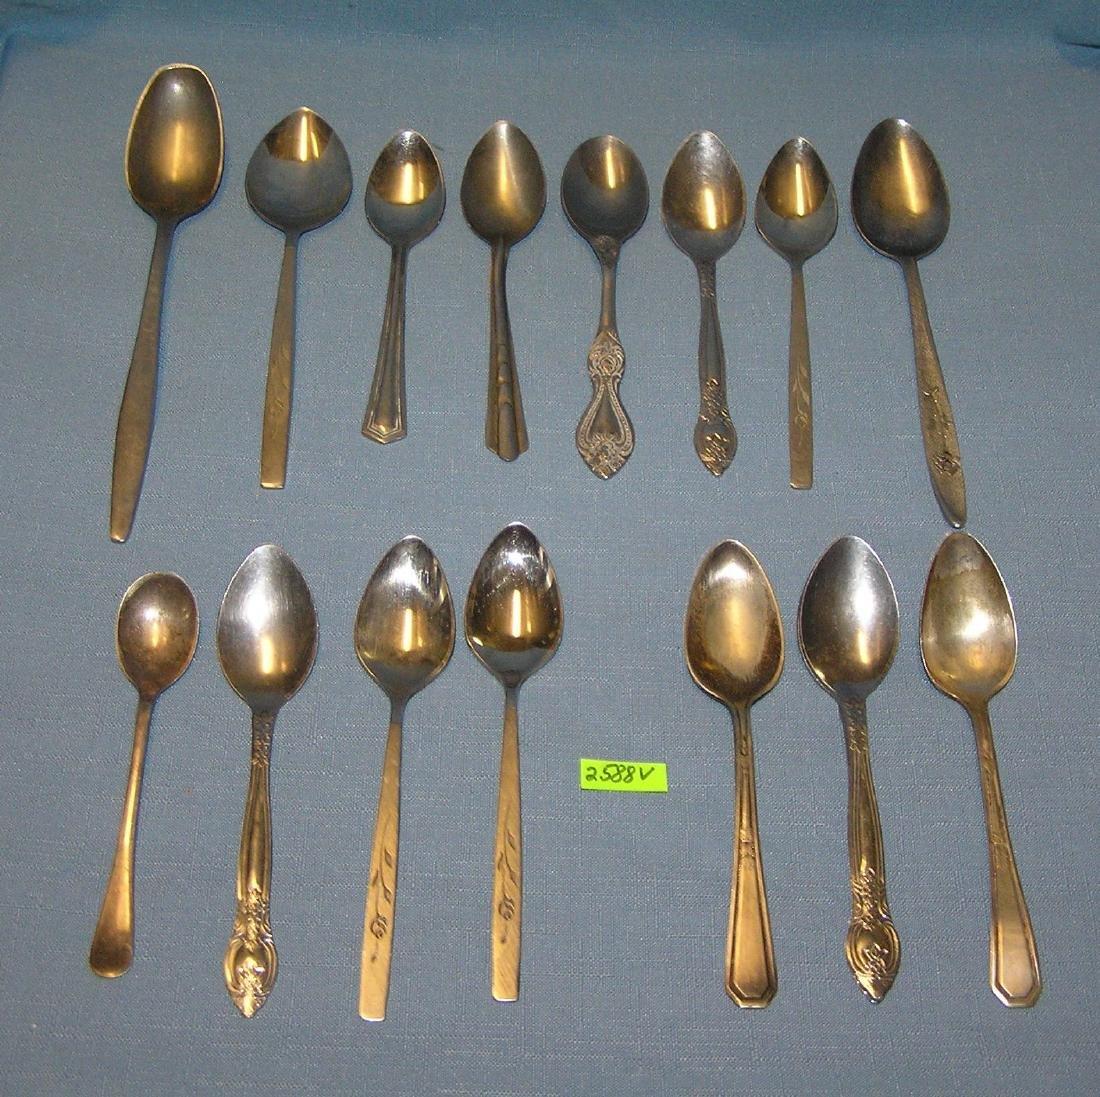 Group of vintage flatware spoons